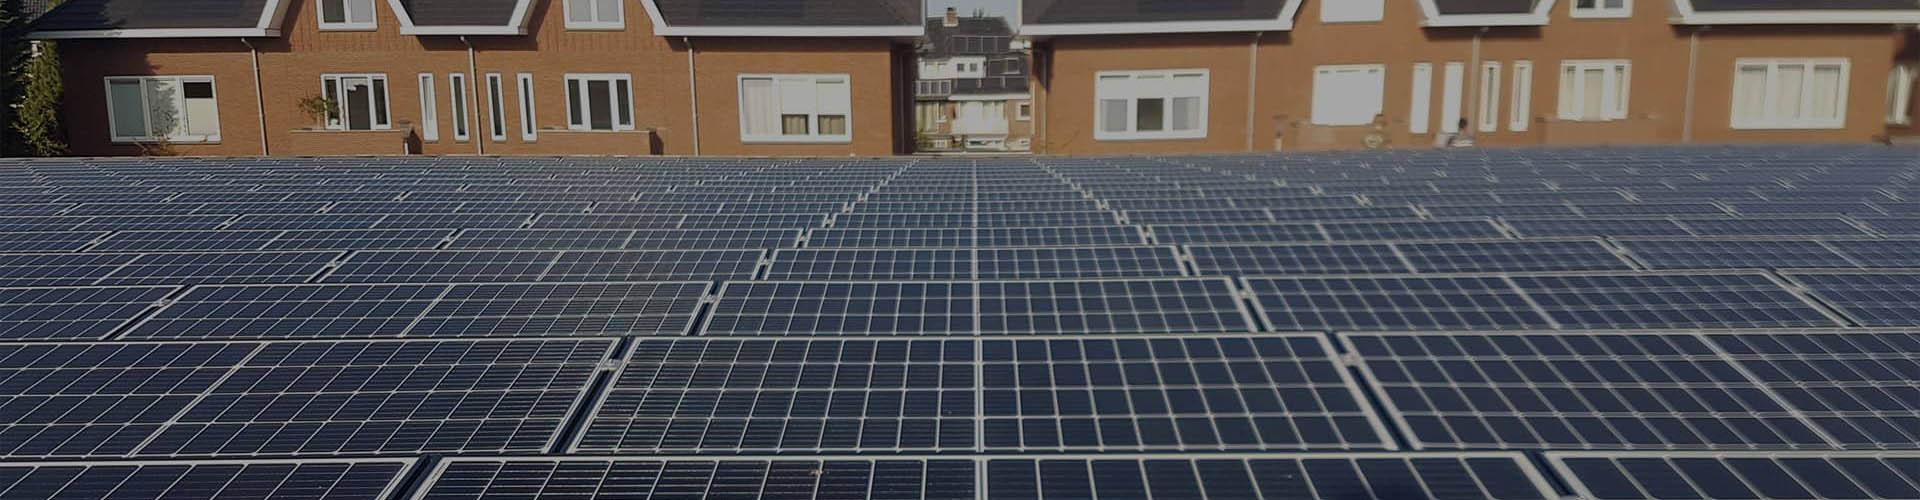 Groene energie is de toekomst